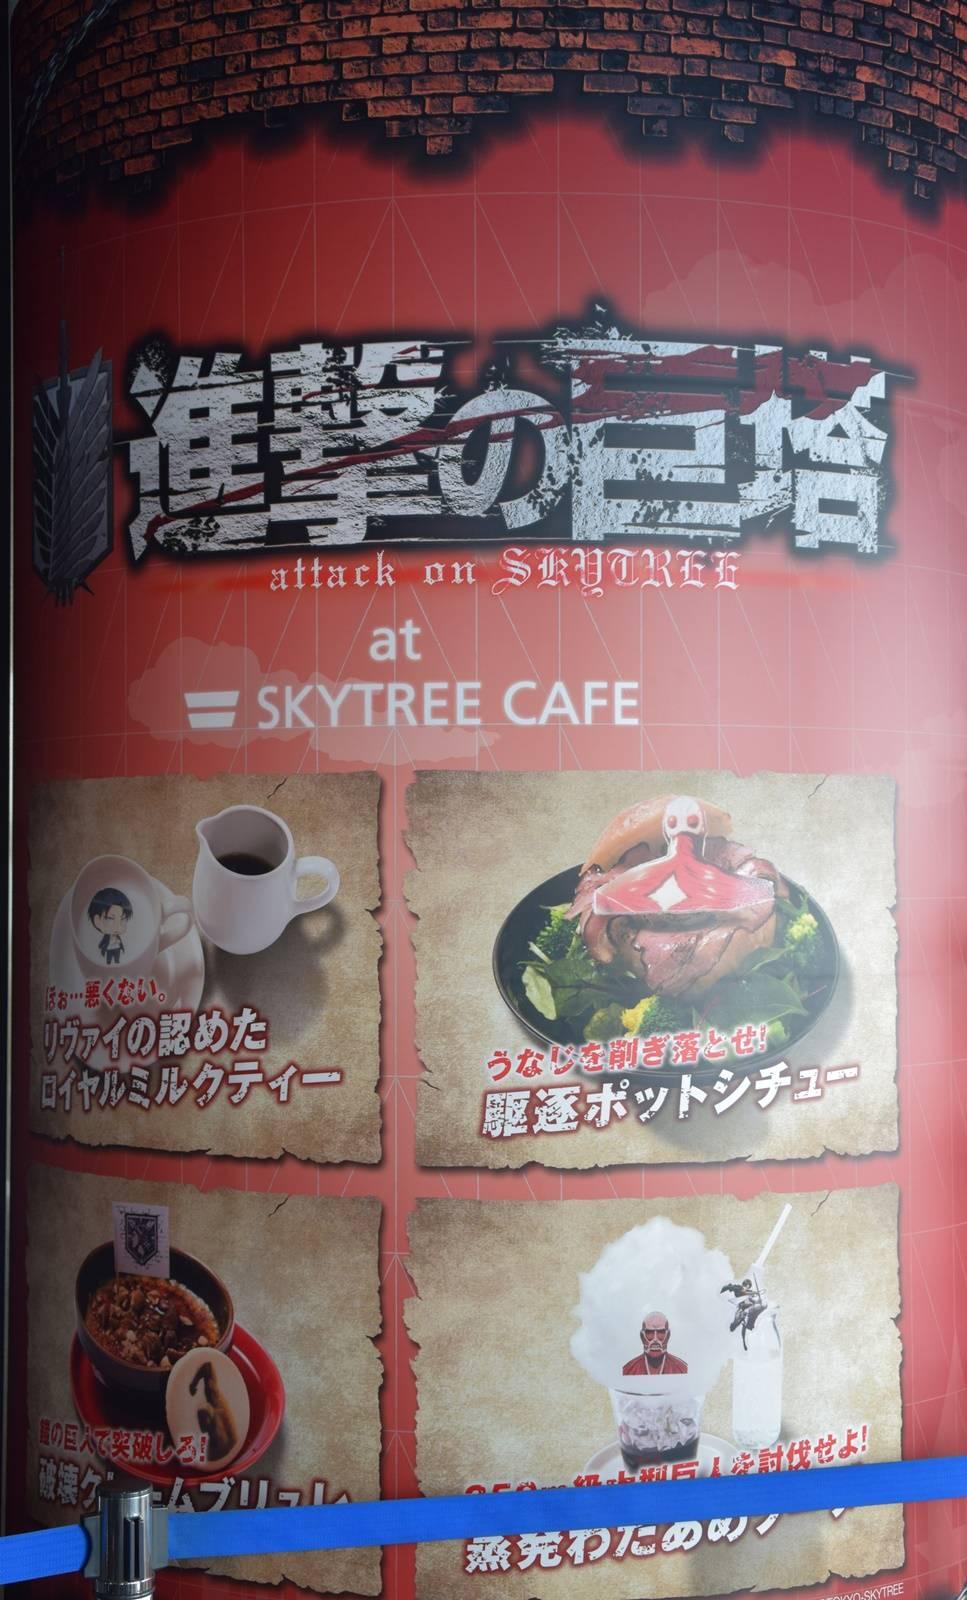 Attack on Titan Tokyo Skytree Ausstellung